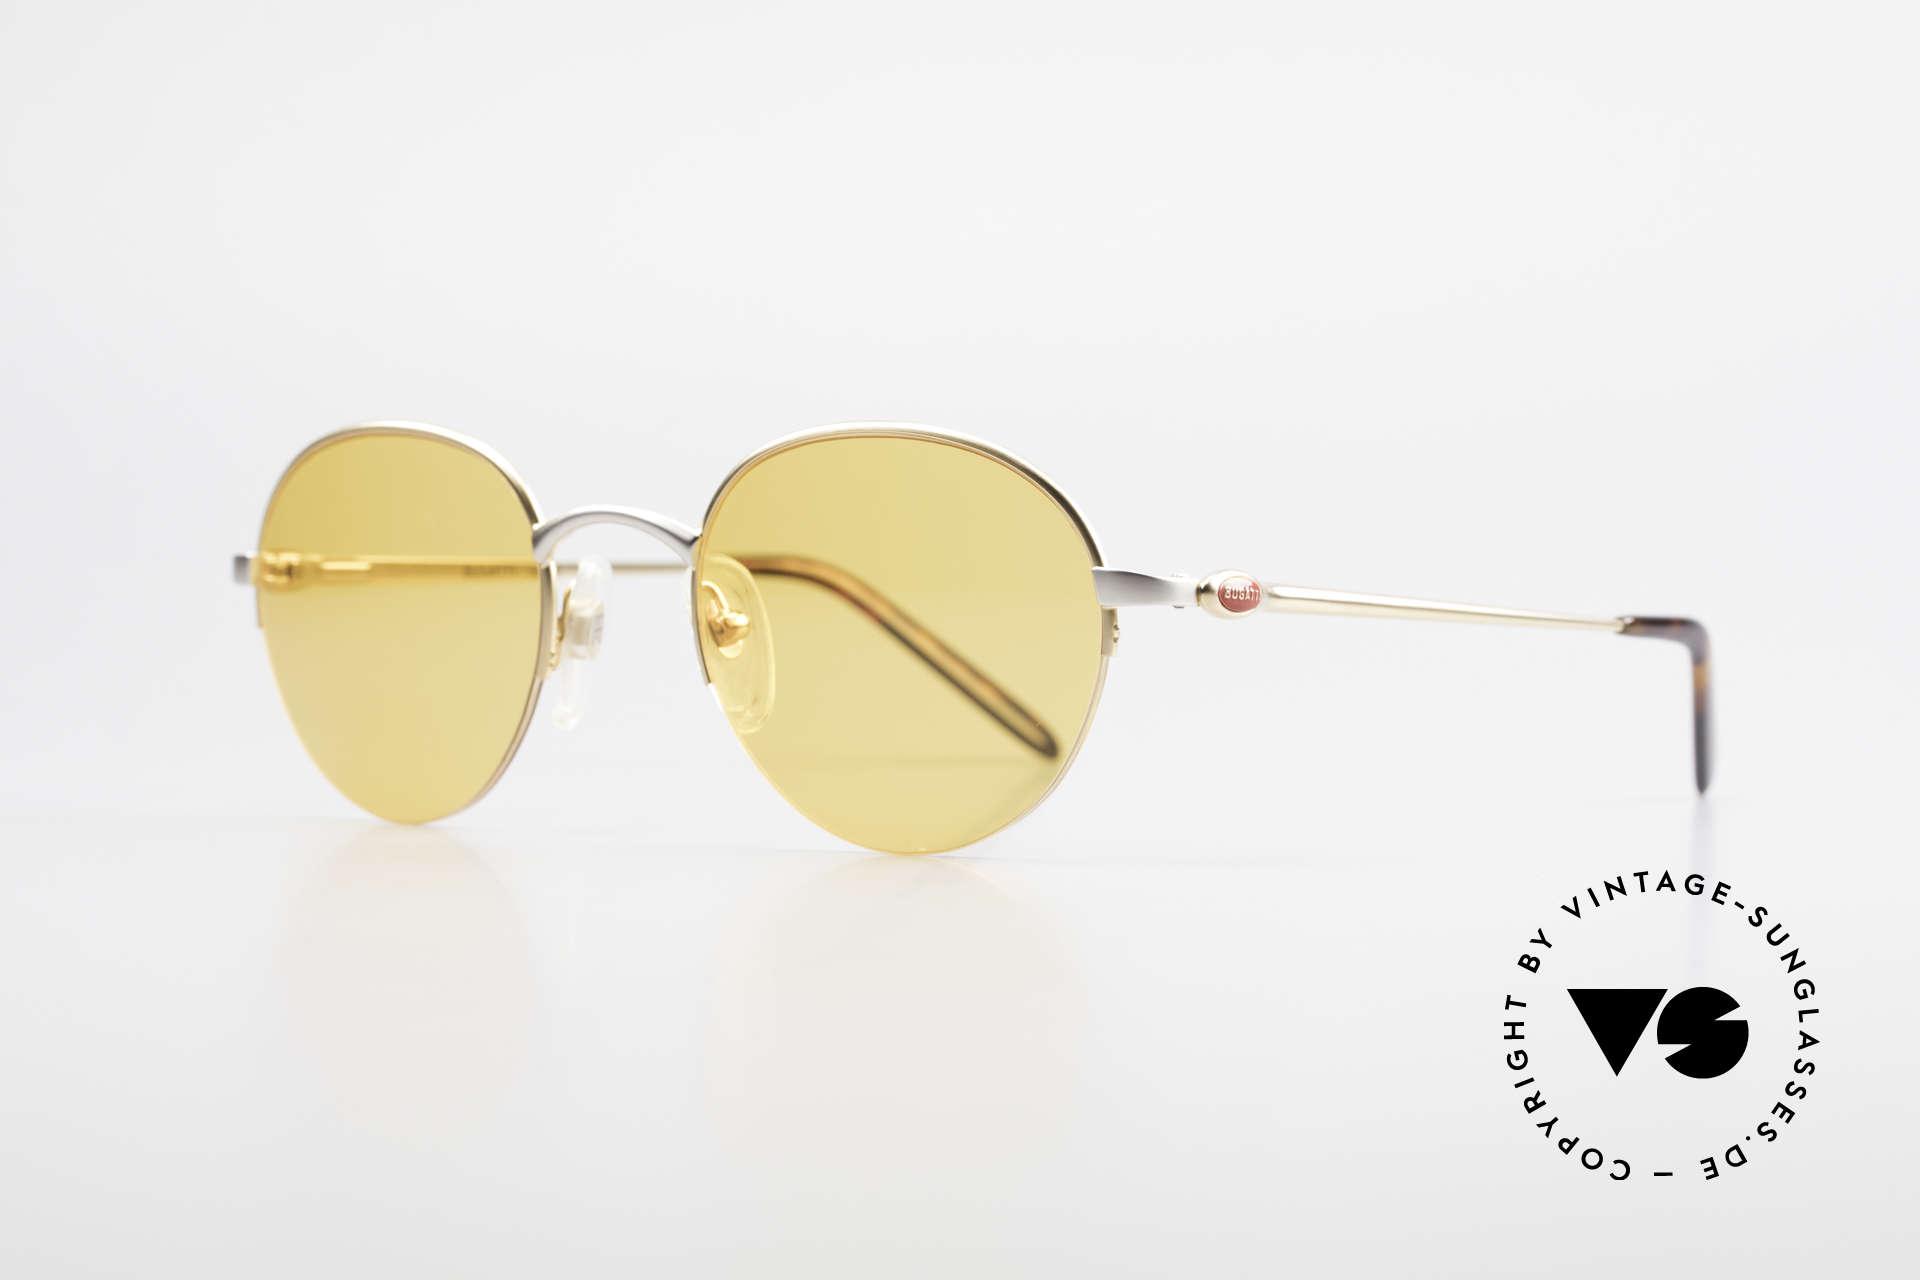 Bugatti 26658 Panto Designer Sonnenbrille, vergoldet/titanium mit flexiblen Federgelenken, Passend für Herren